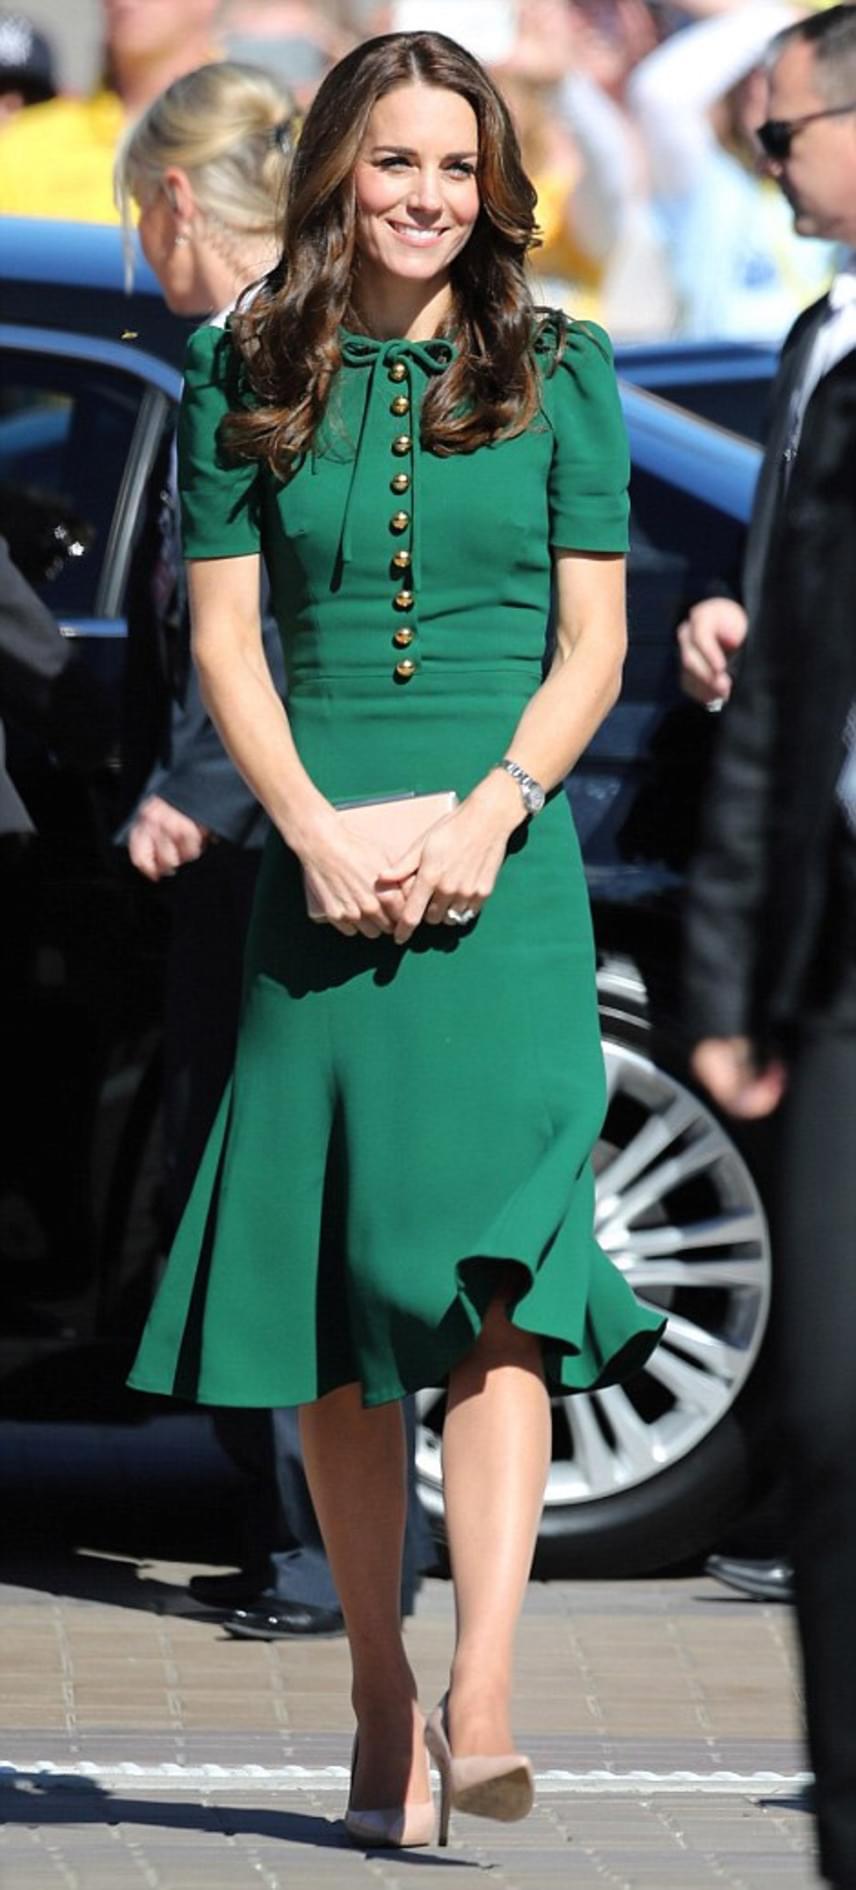 Katalin hercegné ezúttal egy szűk, méregzöld Dolce & Gabbana ruhára voksolt, ami remekül kiemelte tökéletes alakját.